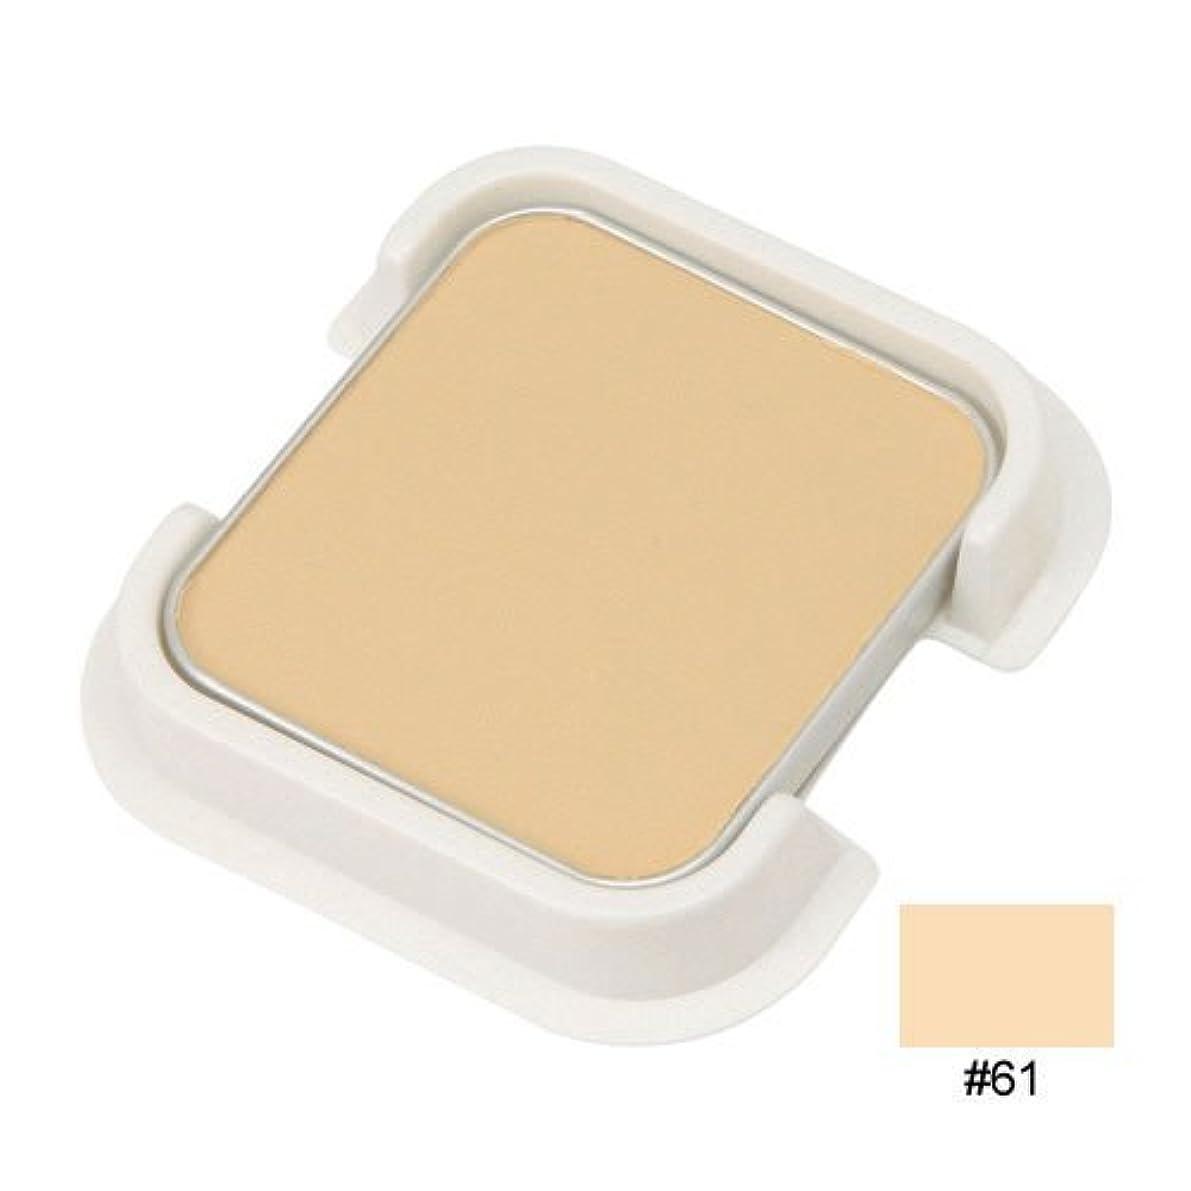 移植鮮やかな柔らかさクリニーク(CLINIQUE) イーブン ベター パウダー メークアップ ウォーター ヴェール 27 リフィル #61[並行輸入品]